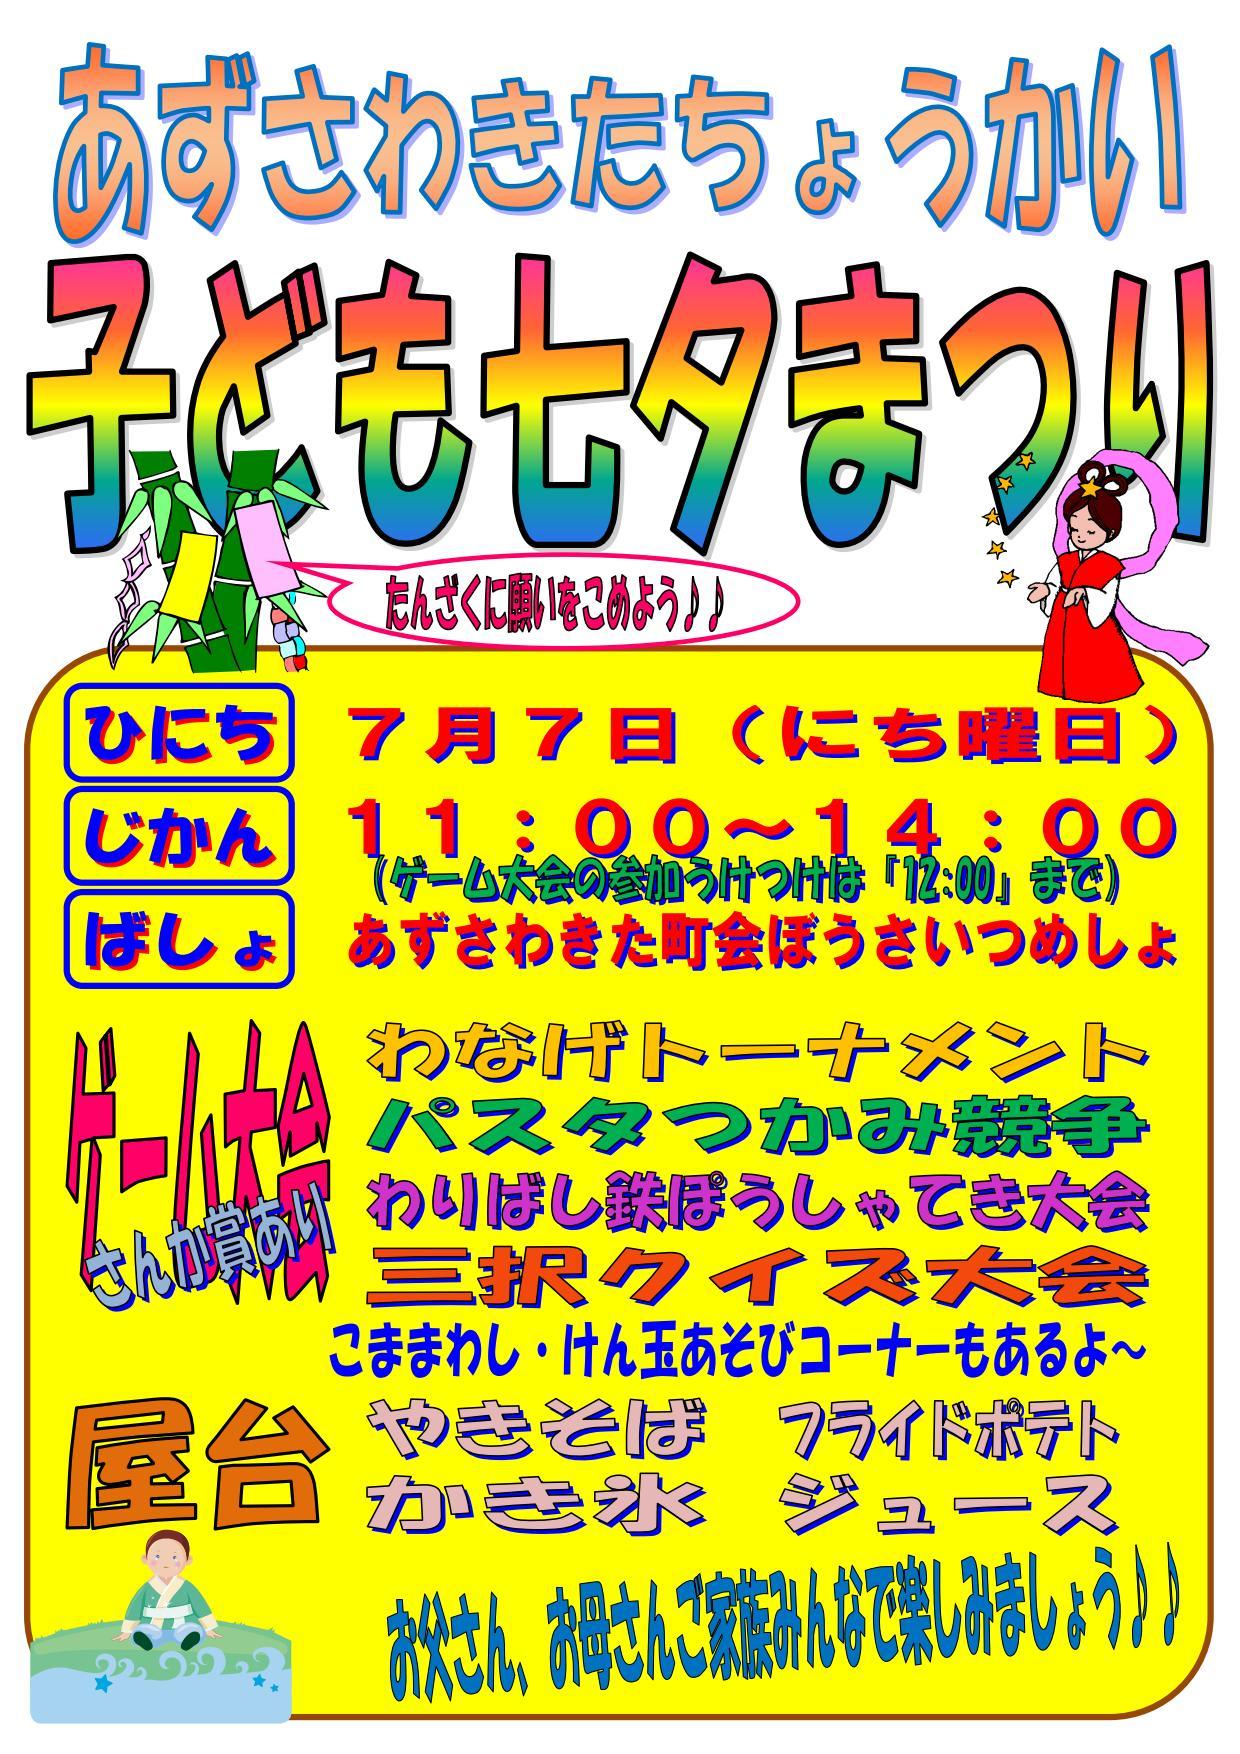 2013年7月7日七夕まつりポスター